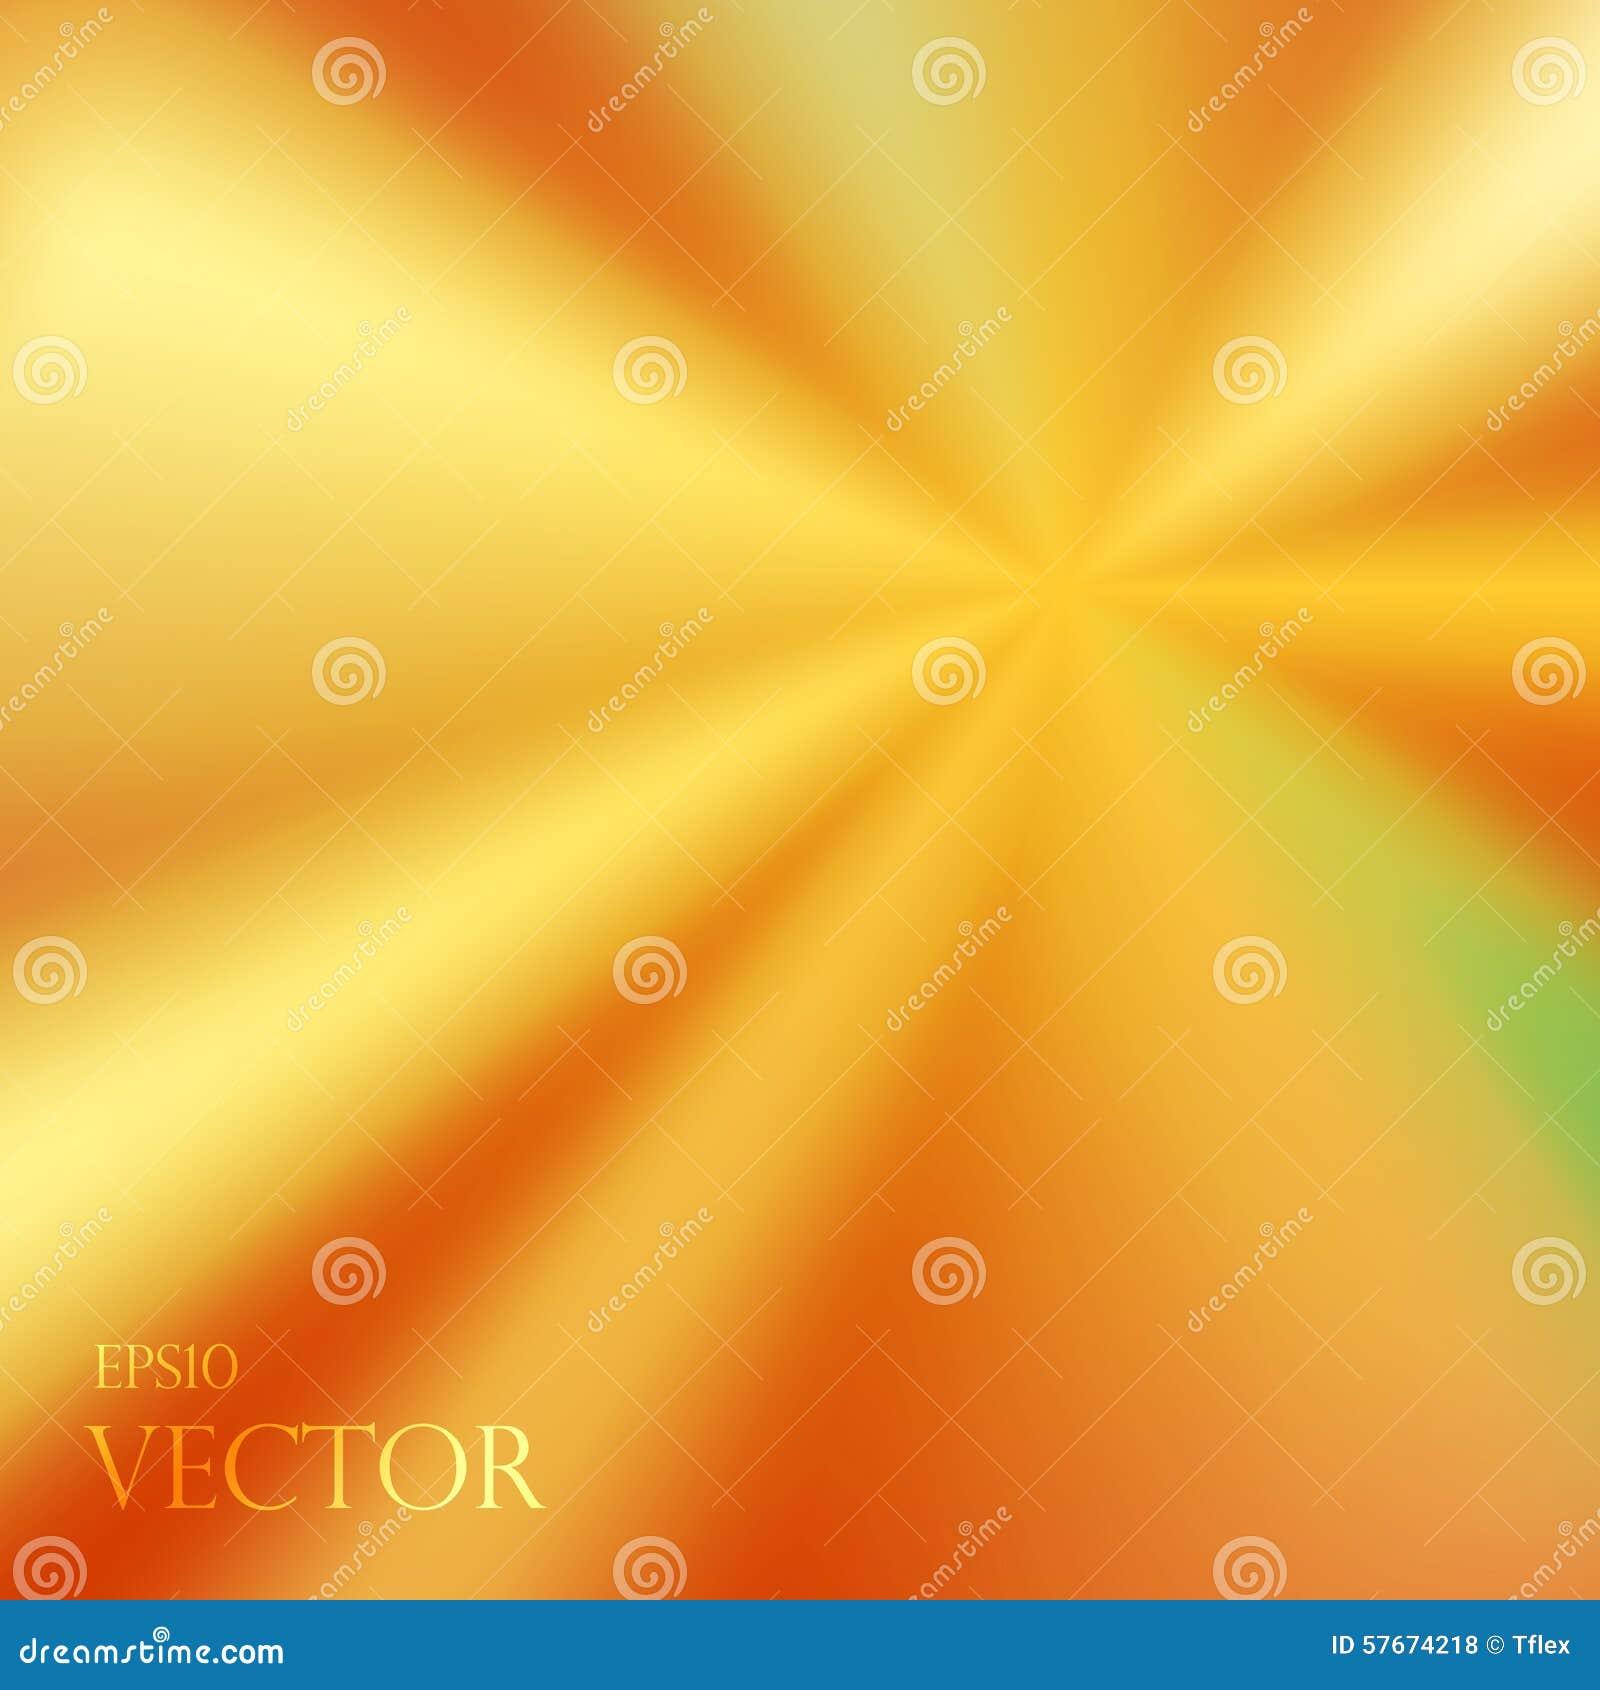 Wysokiego kontrasta kółkowy wektorowy gradient